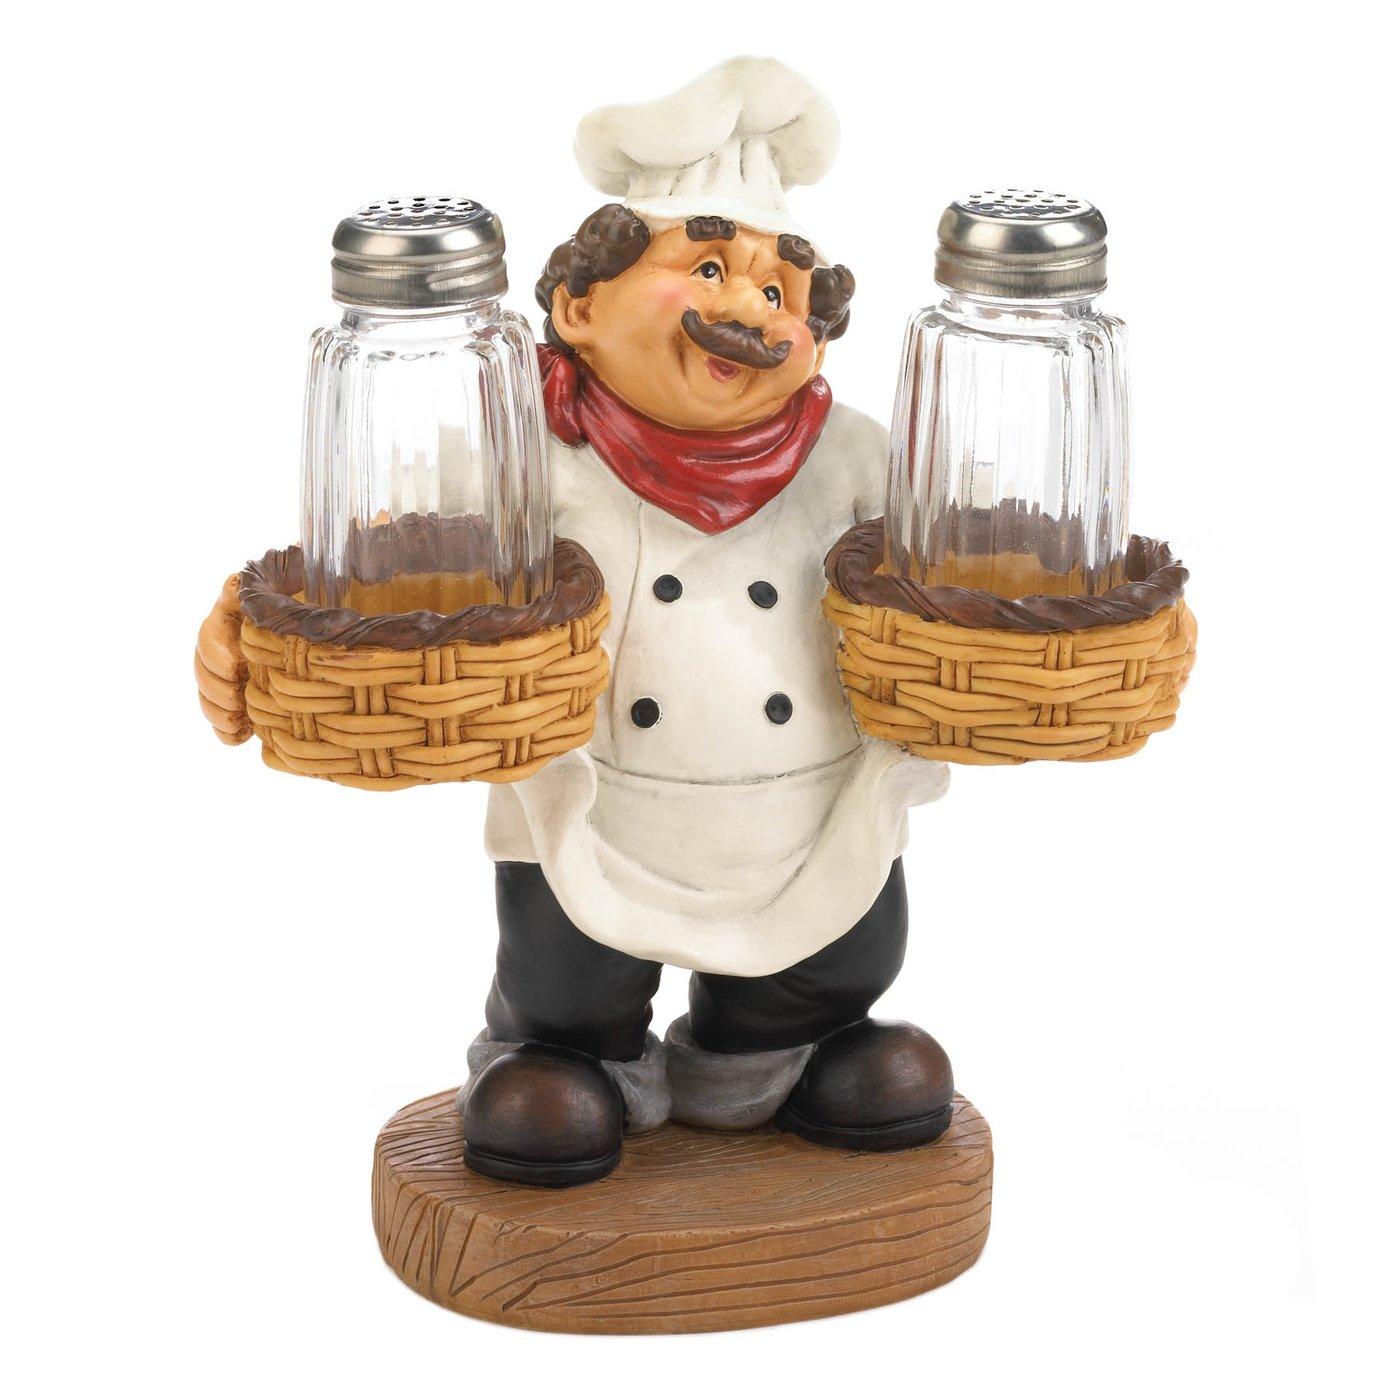 Chef Holder Salt &Pepper Shakers Set